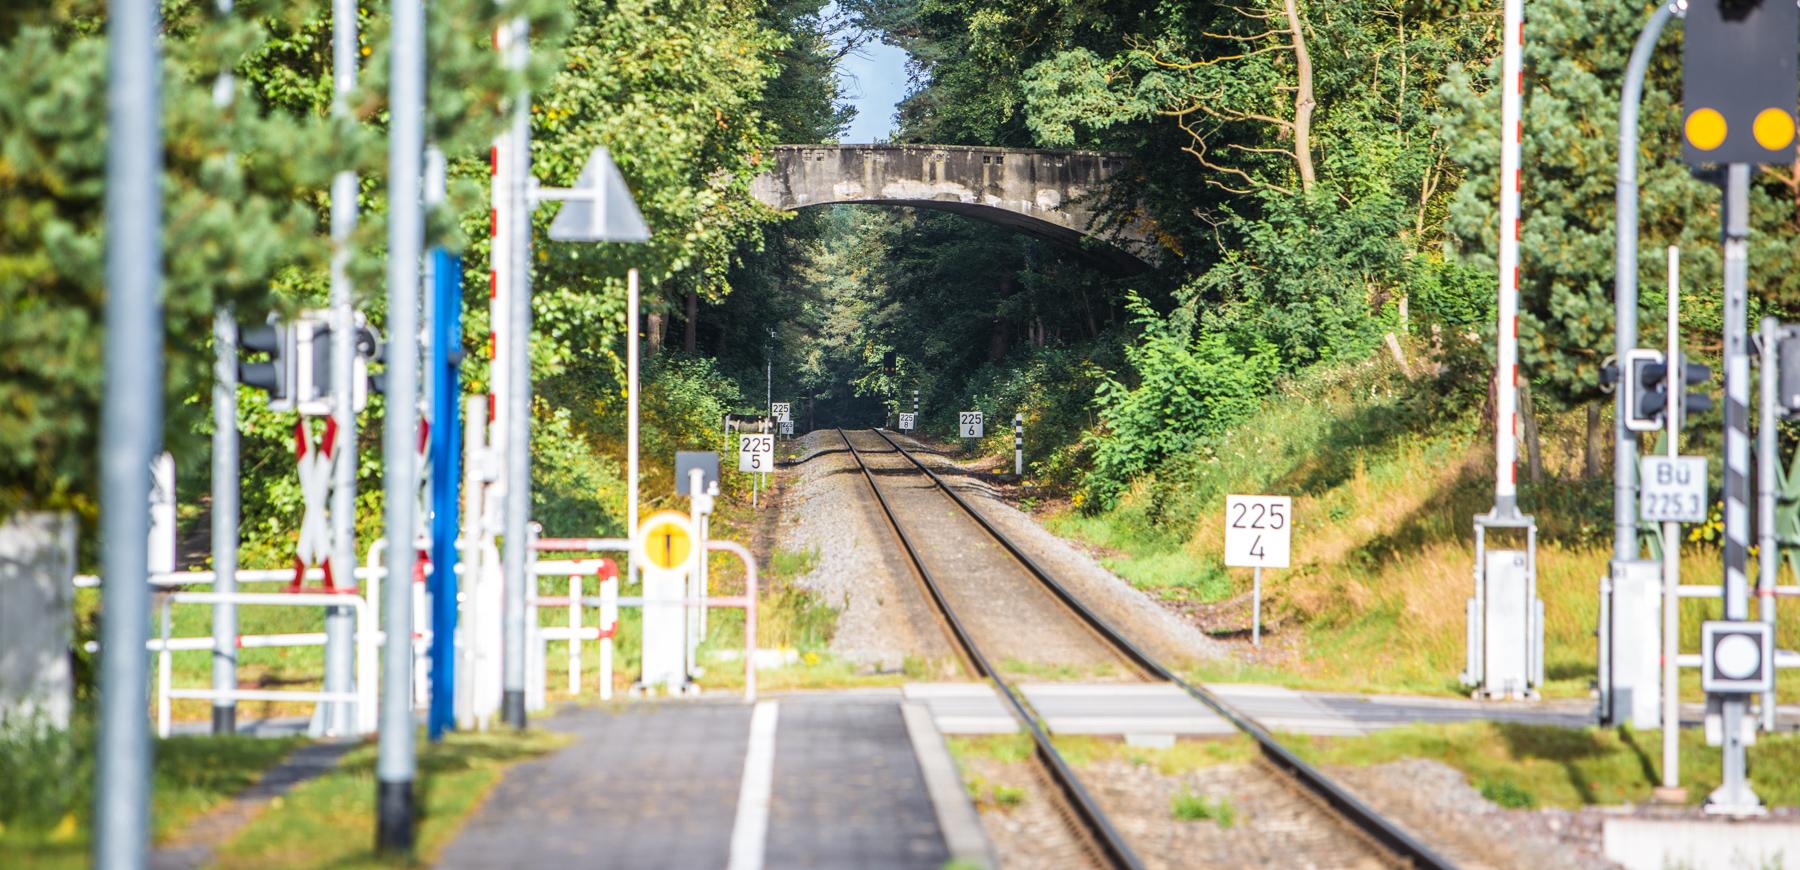 Blick auf die Gleise Kölpinsee